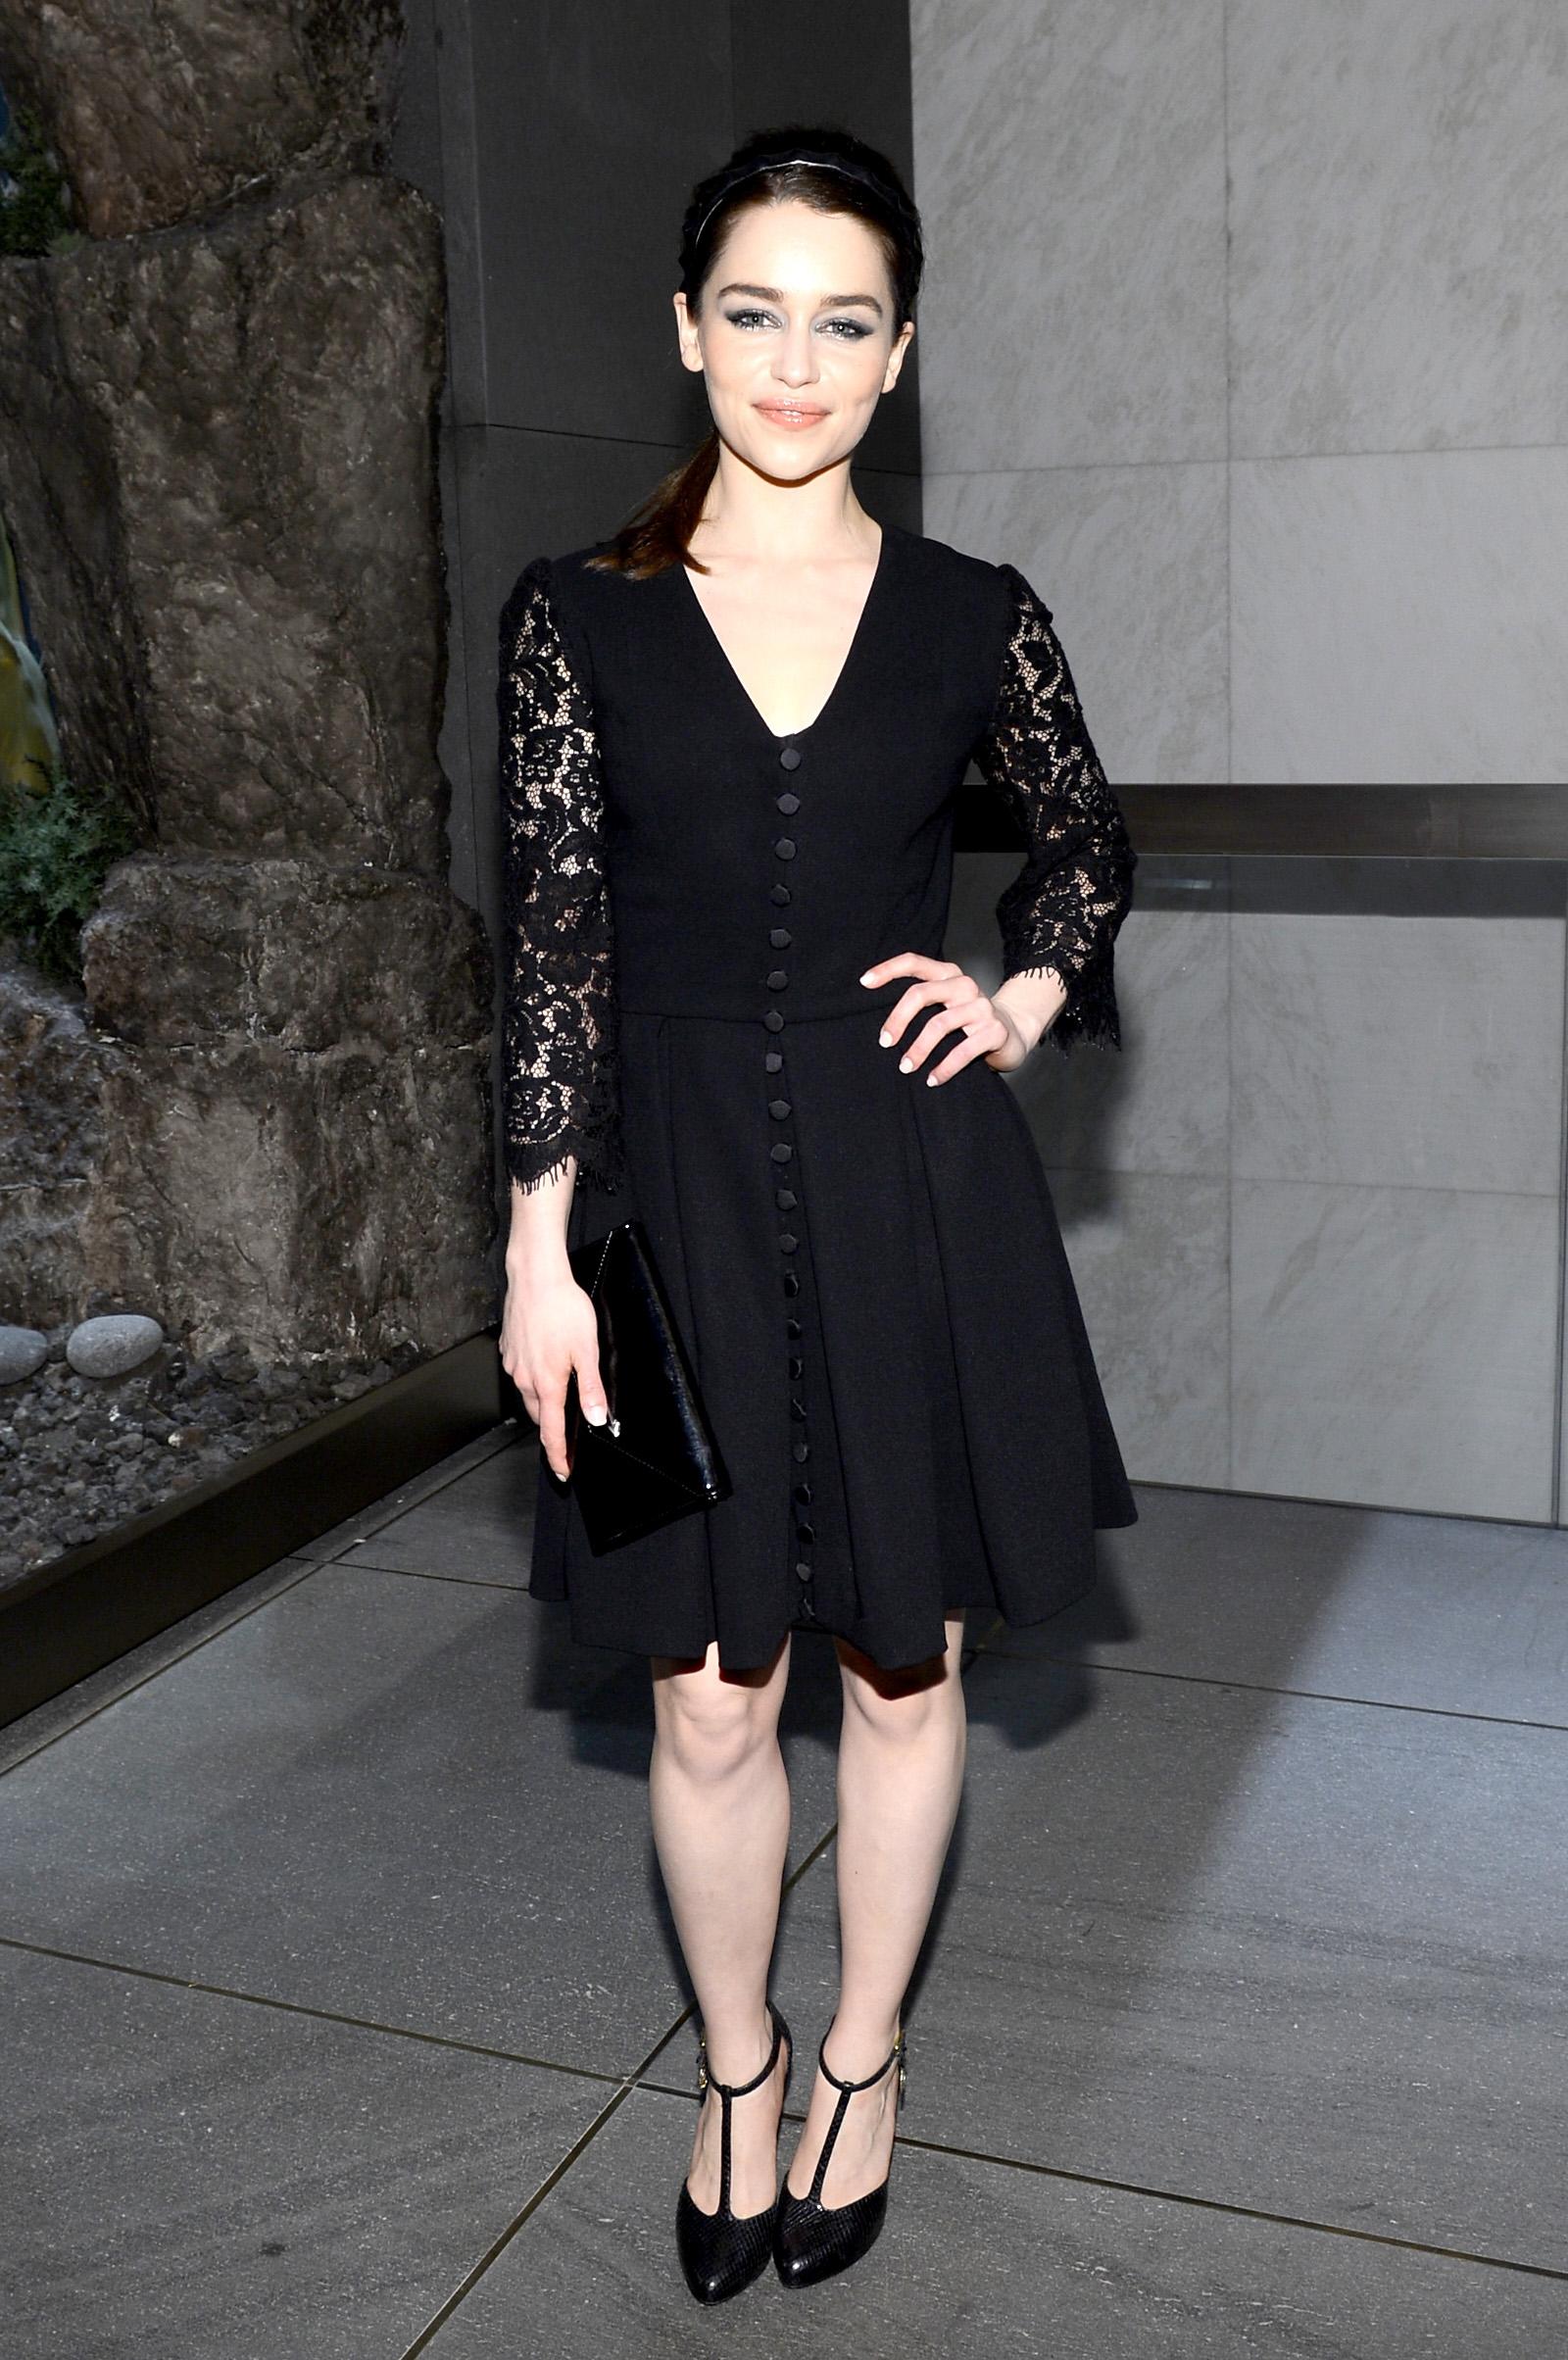 Emilia Clarke 2013 : Emilia Clarke – Moda Operandi event -13